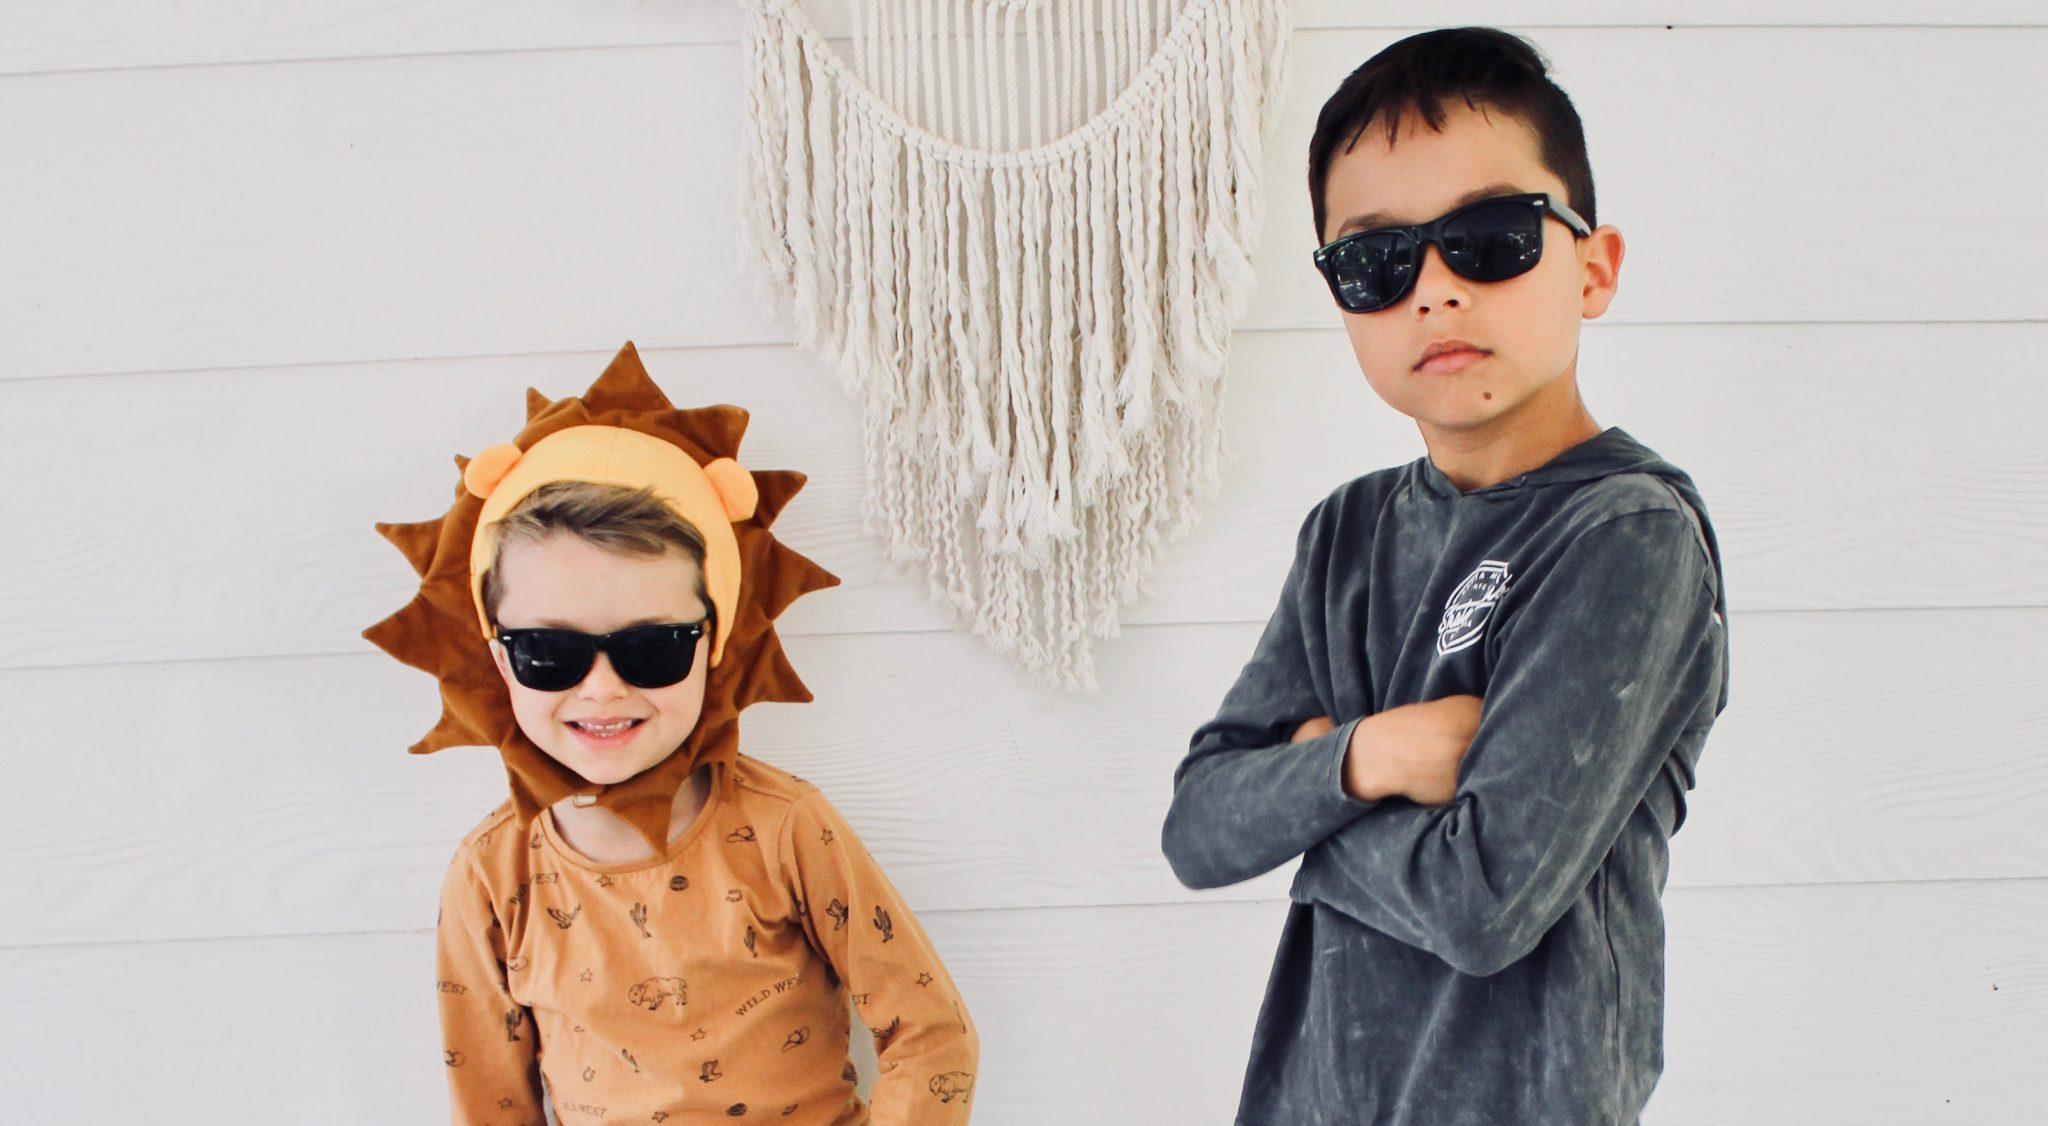 Two cute boys posing